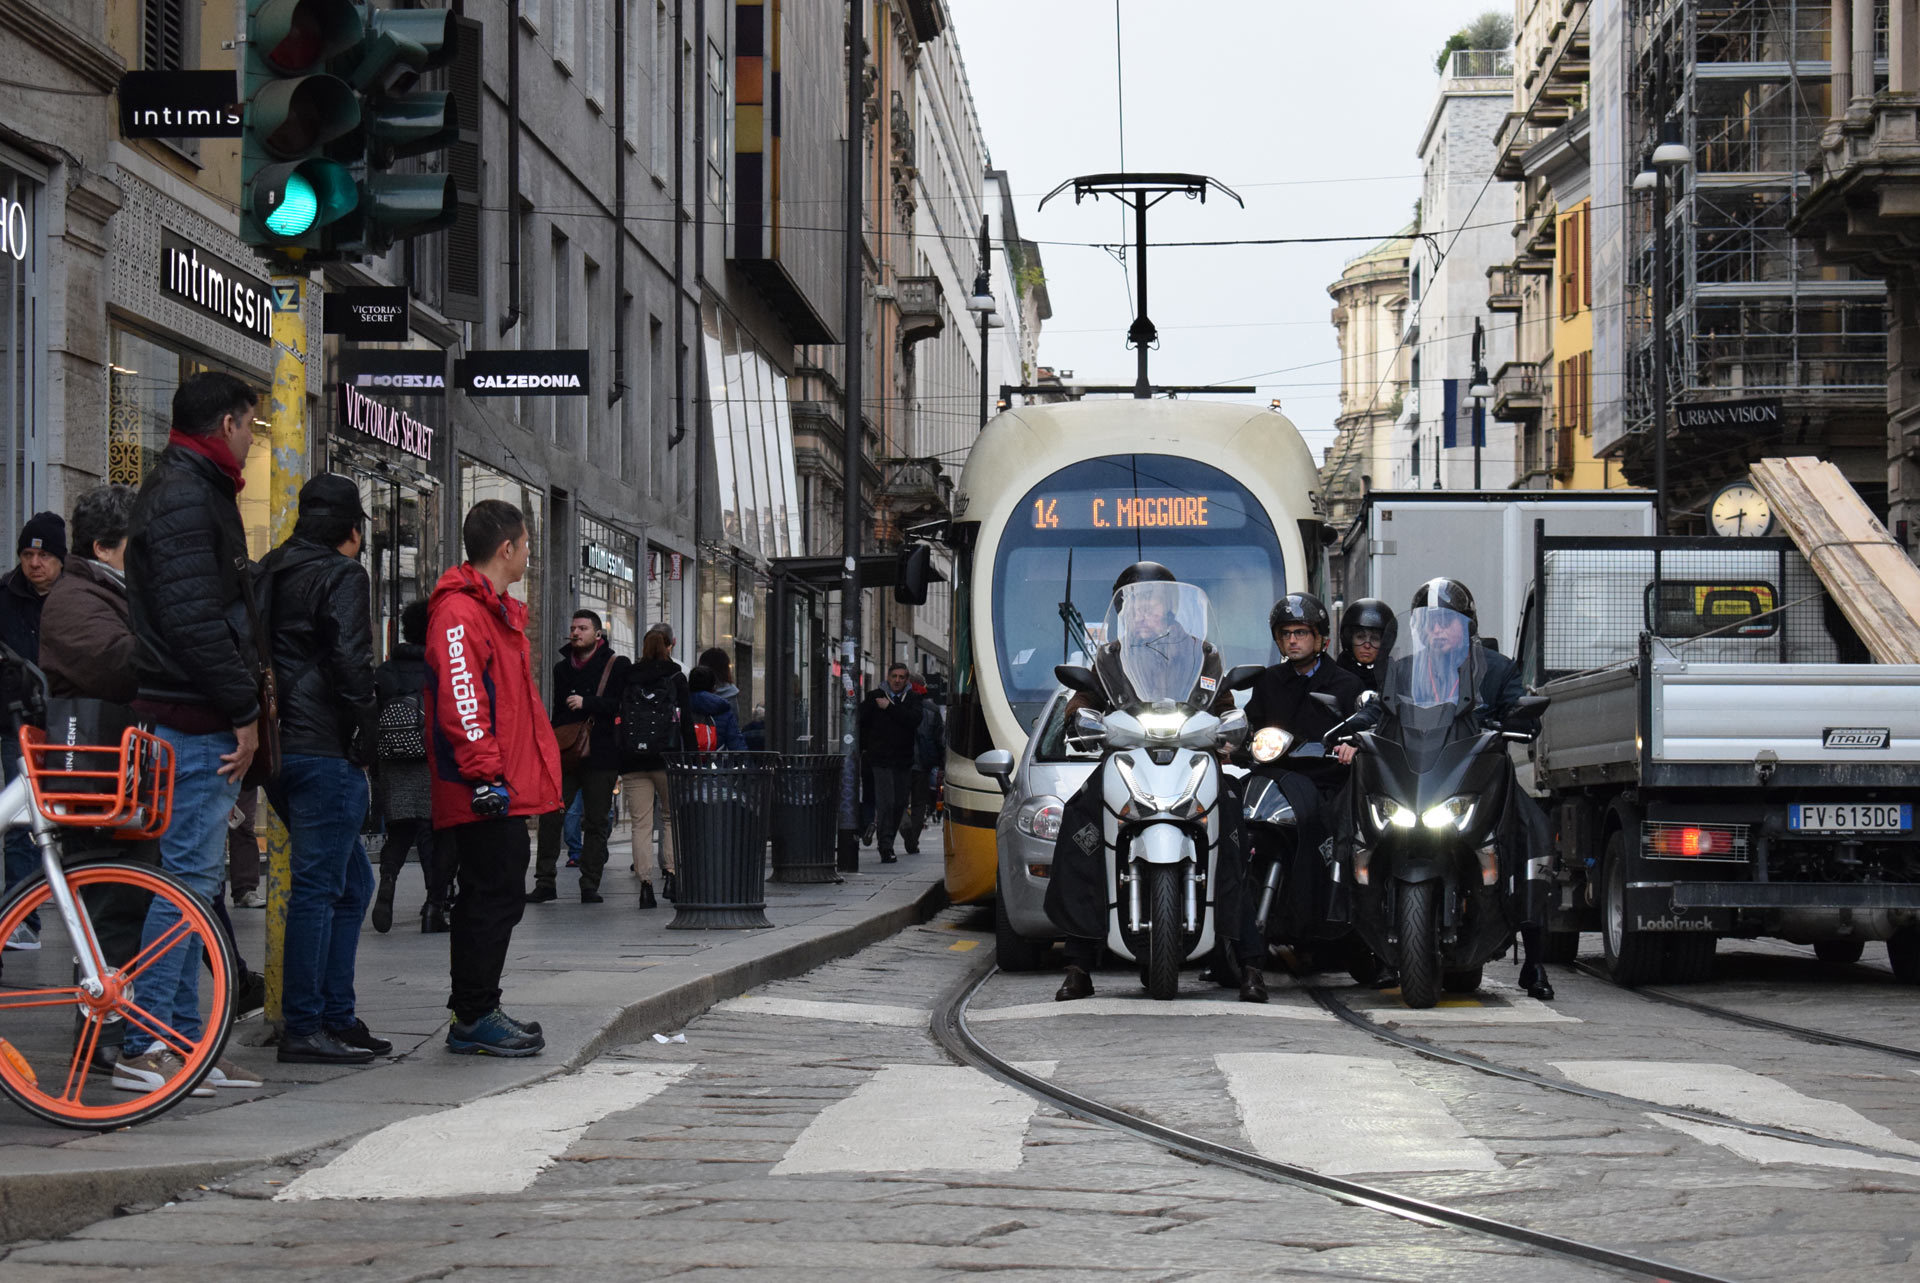 バイク天国☆イタリアの旅 その5 ミラノ街を散策_d0099181_10404352.jpg